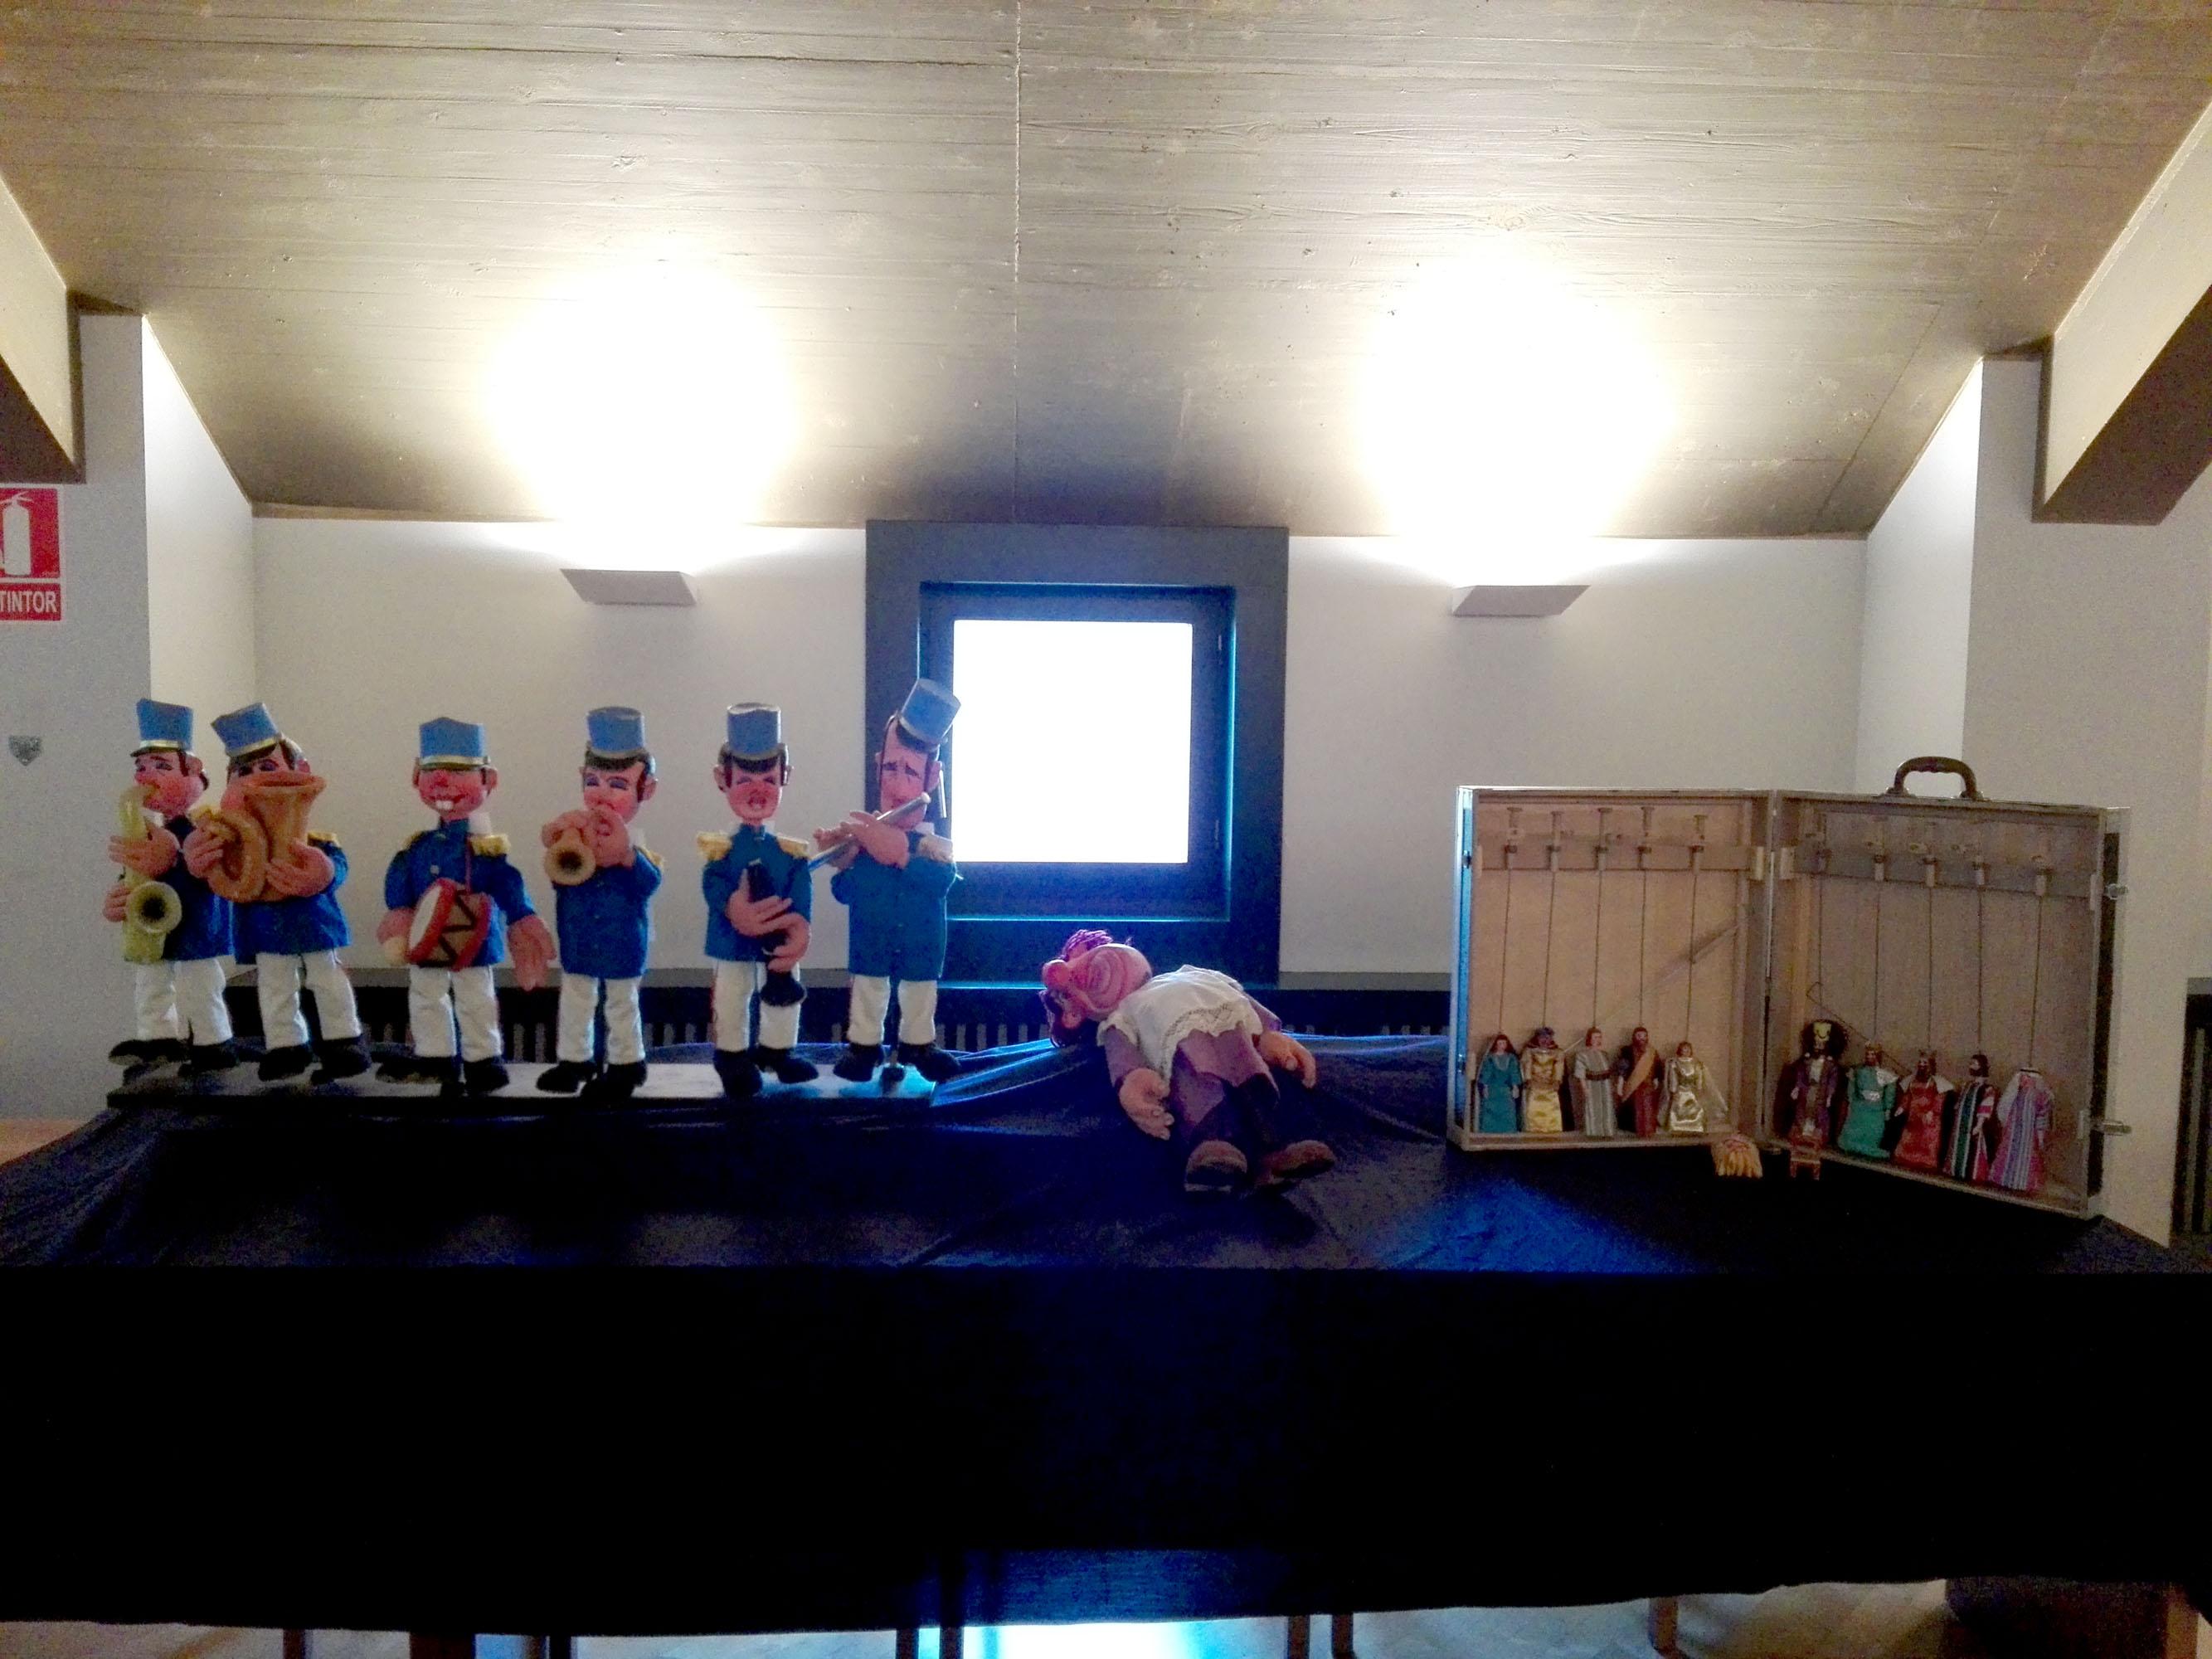 La familia Faro-Bueno dona el fondo Retablo de Figurillas al Gobierno navarro